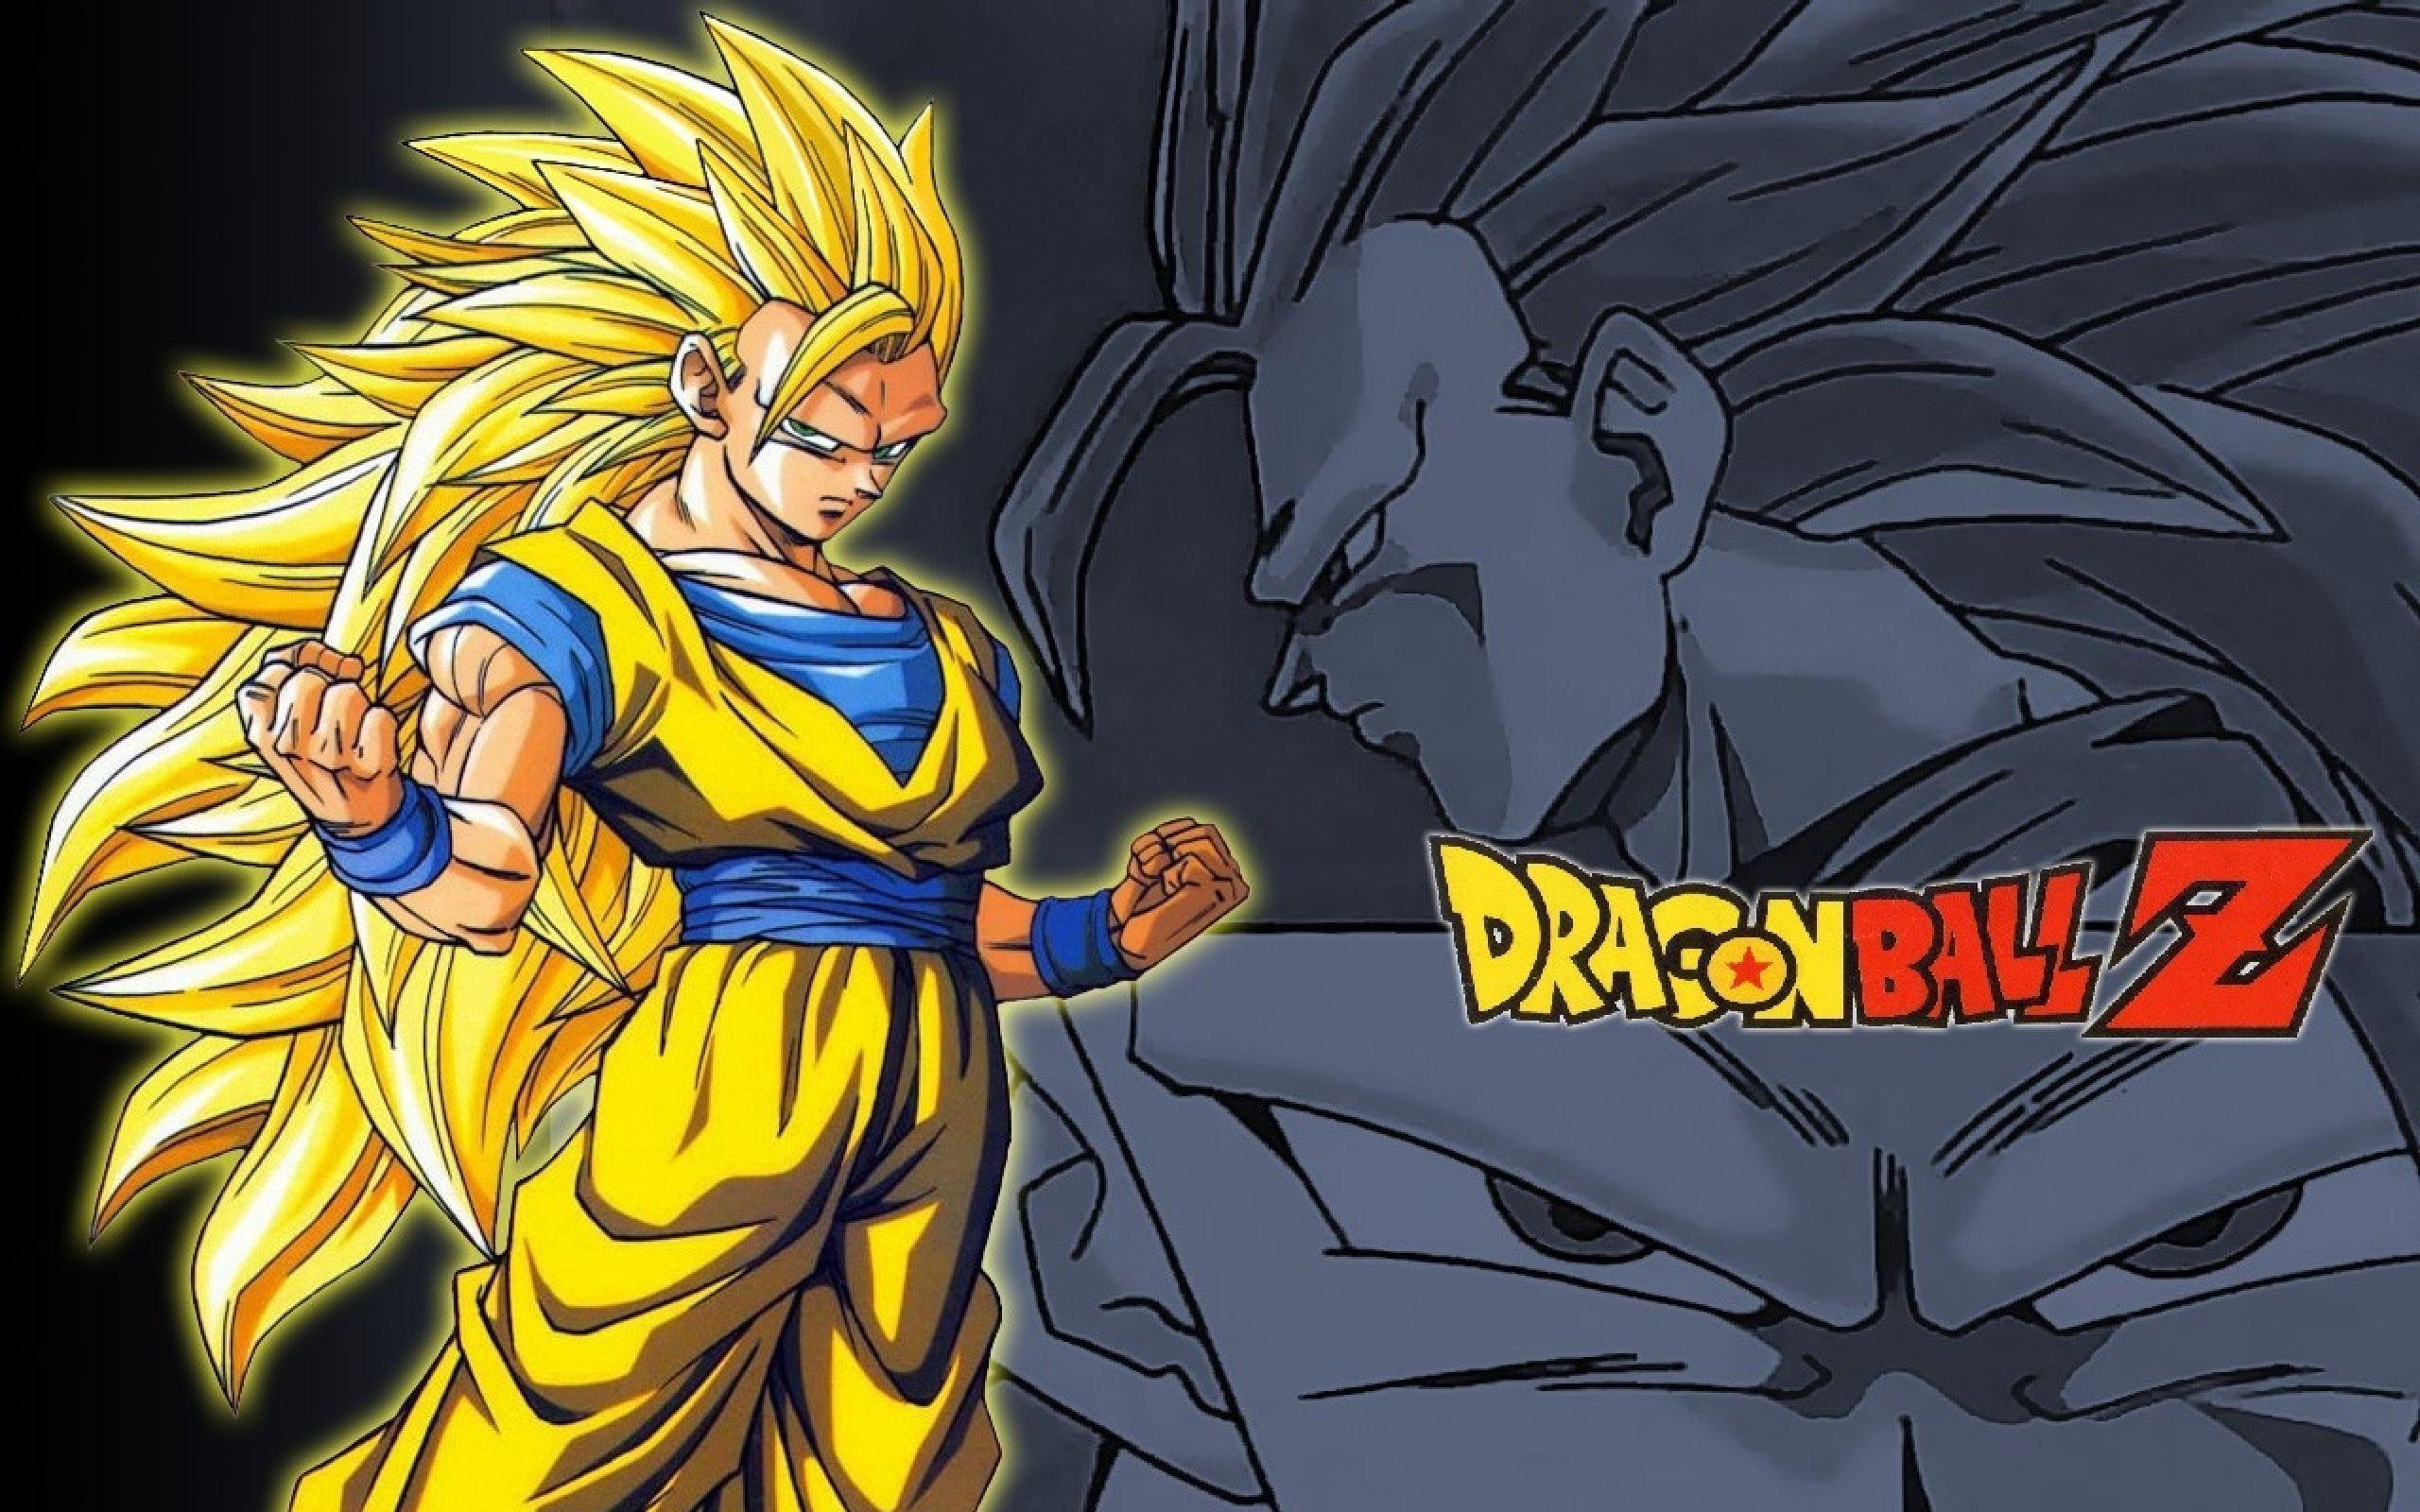 Dragon Ball Z Wallpapers Goku Super Saiyan 12